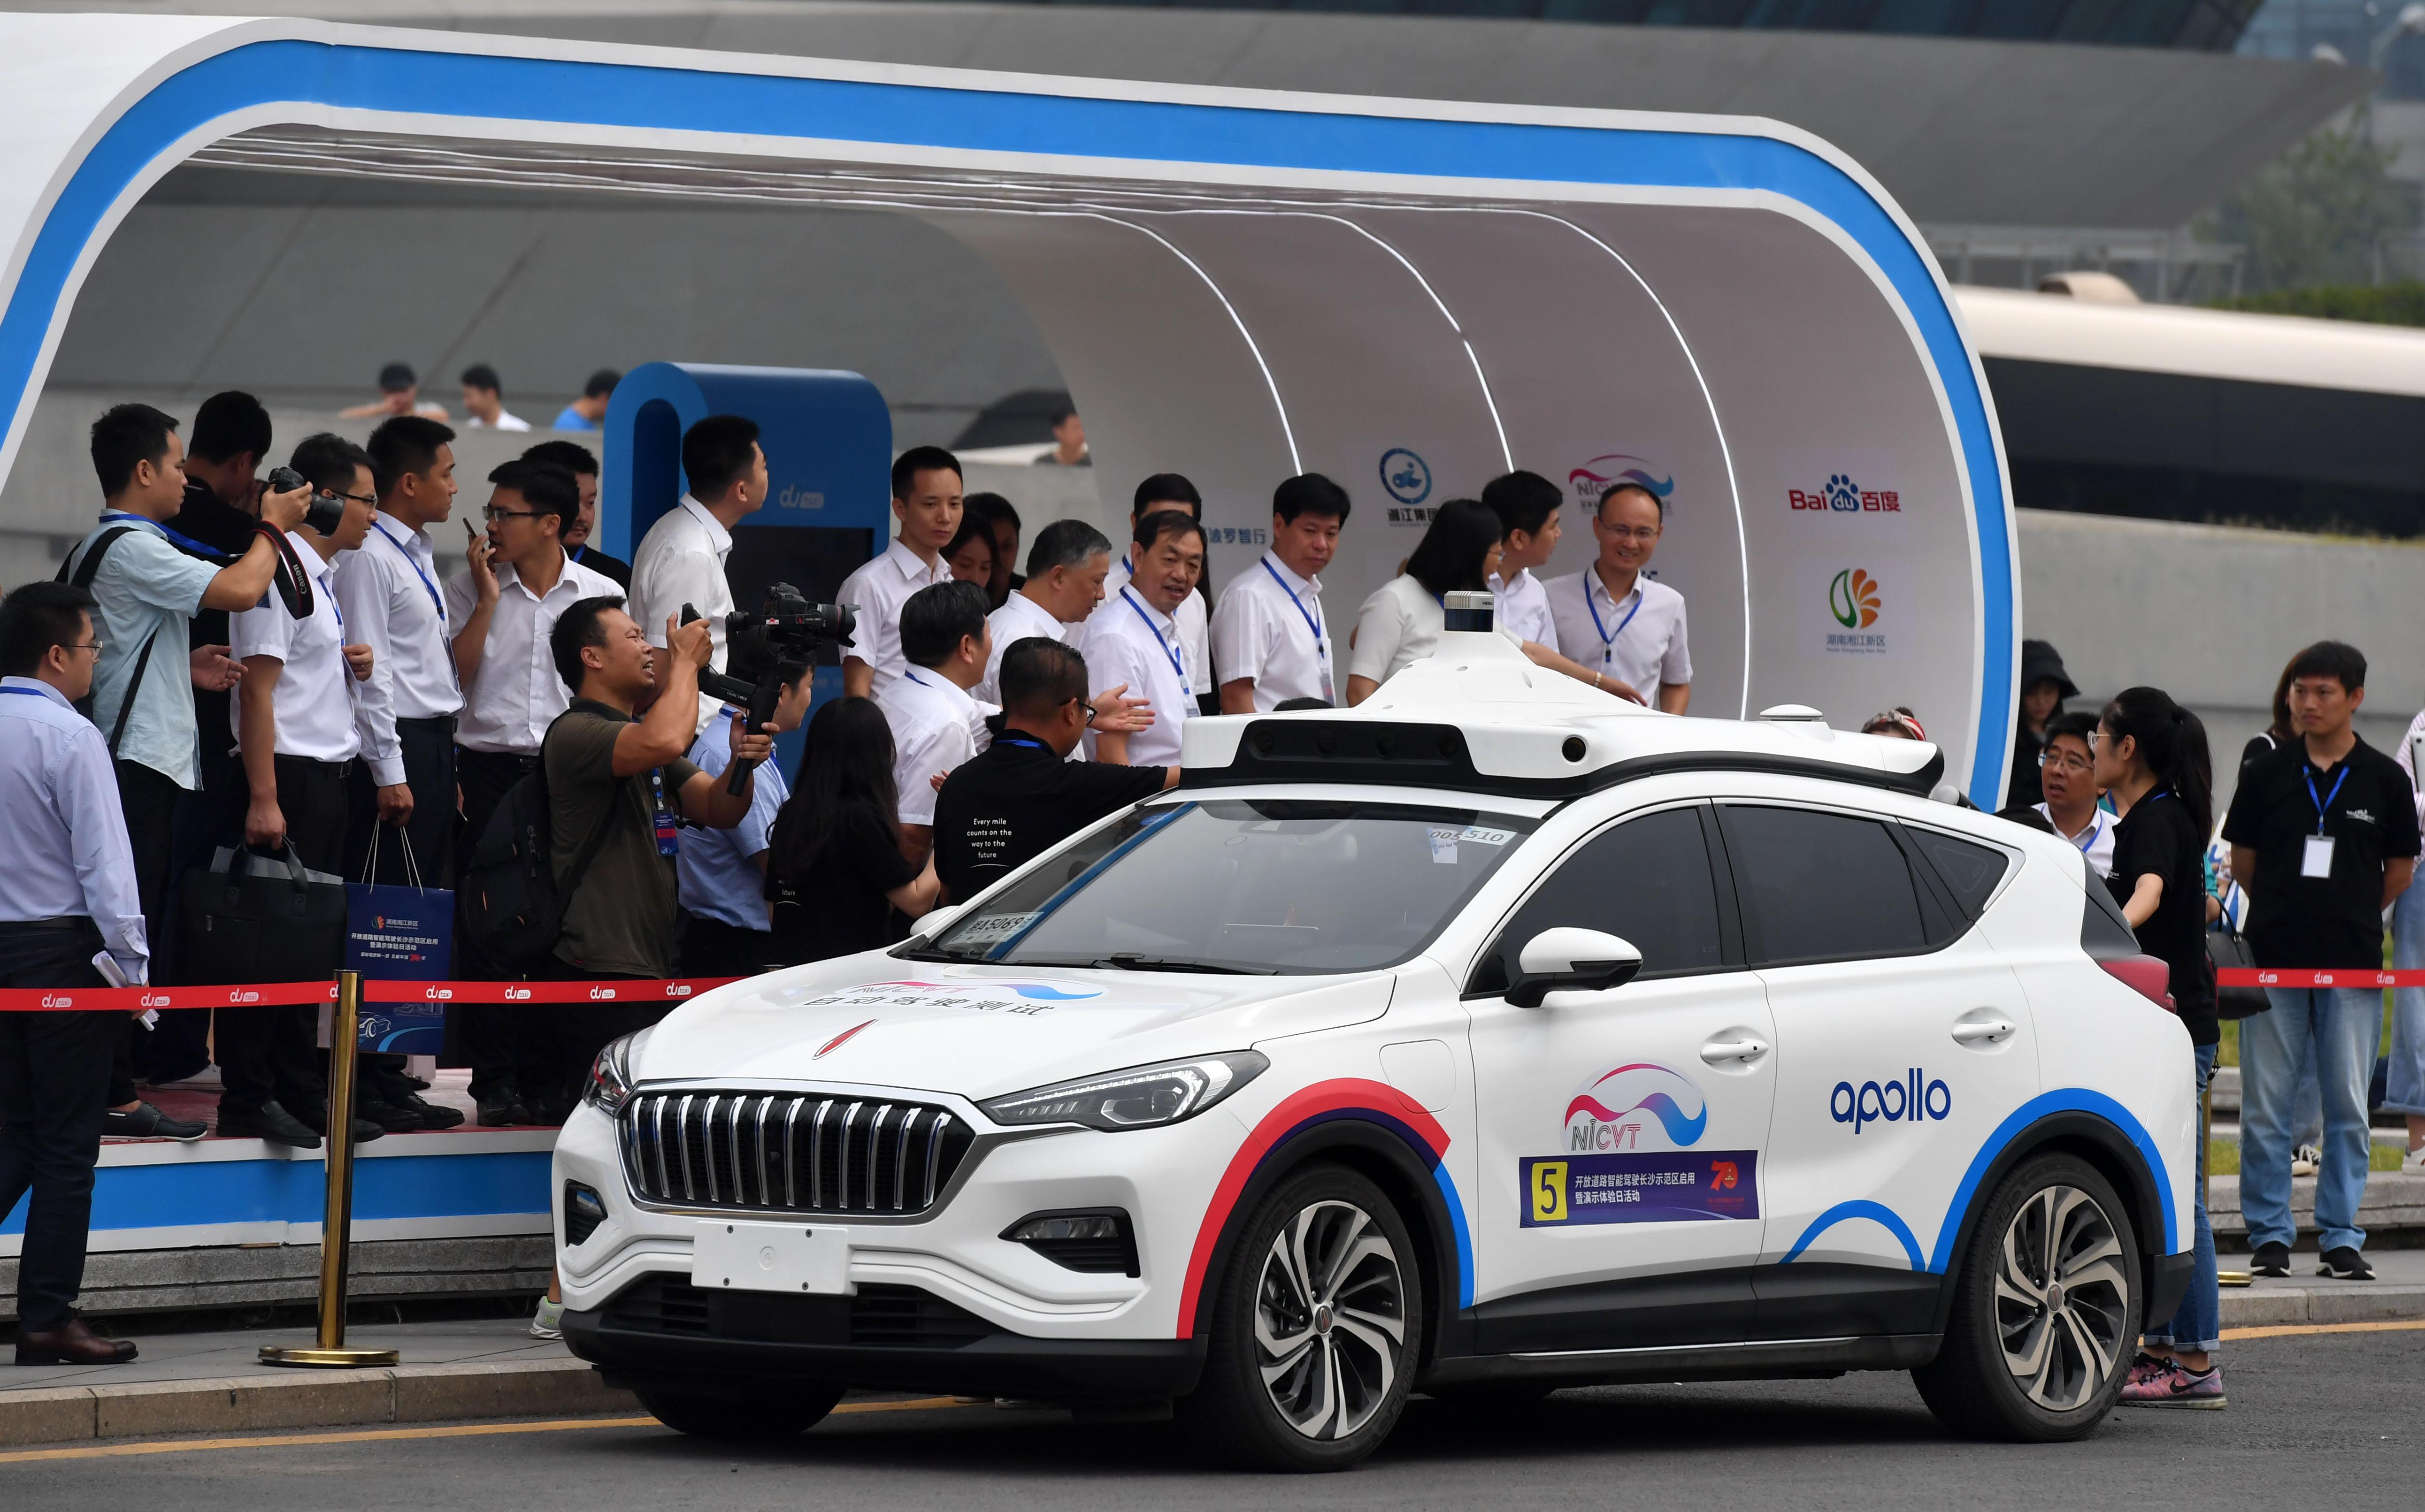 百度再调整自动驾驶业务:两大部门合并,明年与红旗合作量产千无人车